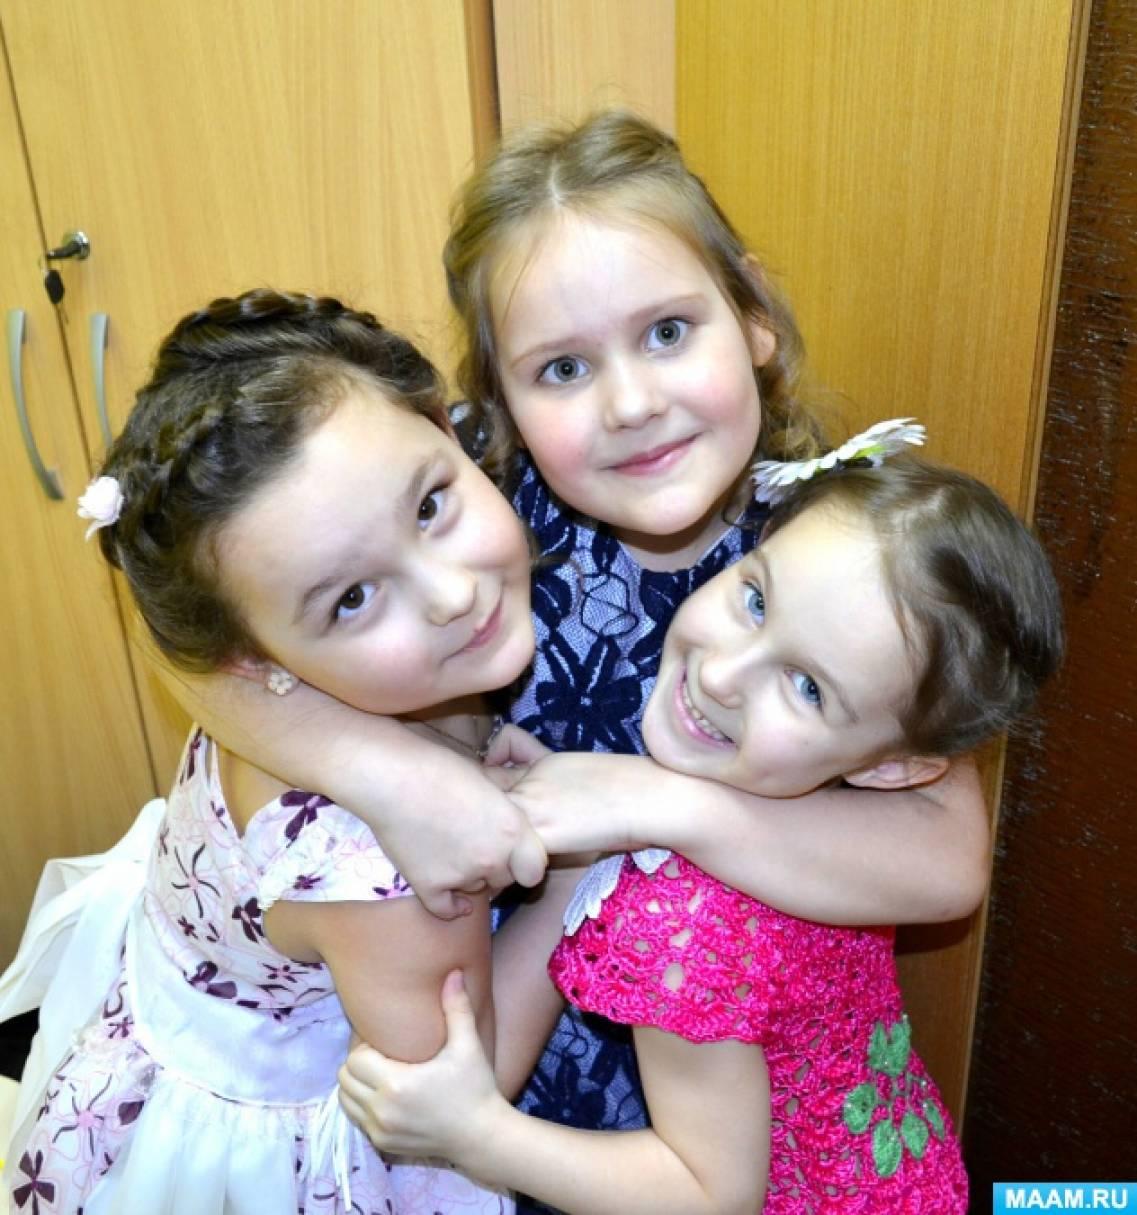 Сценарий выпускного праздника для дошколят «Парад звезд в стране чудес Алисы»